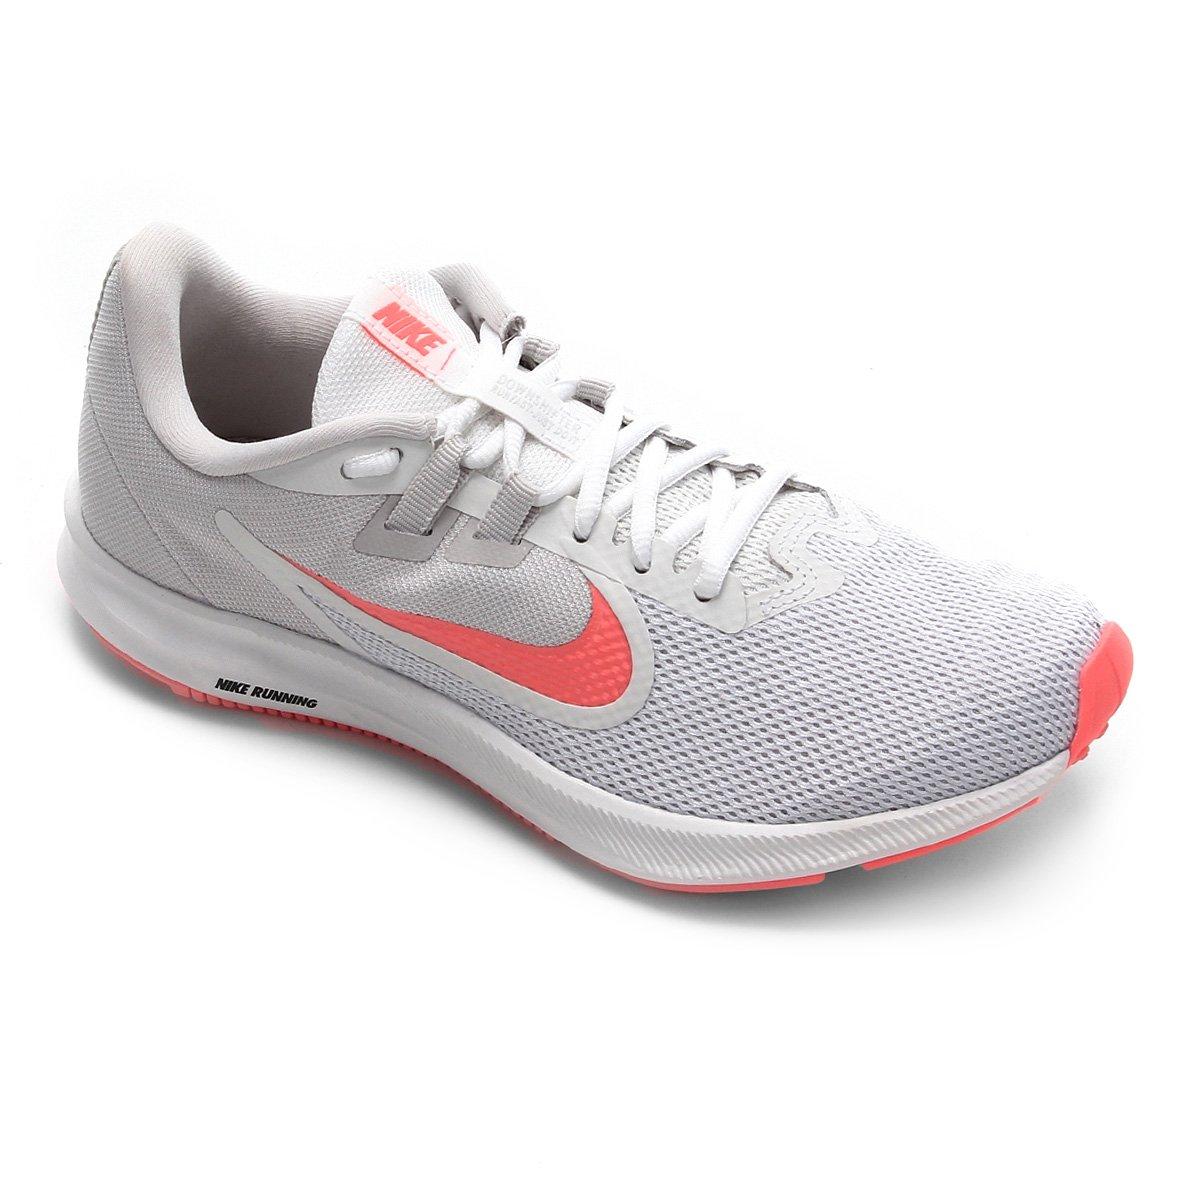 Tênis Nike Downshifter 9 Feminino Branco E Rosa